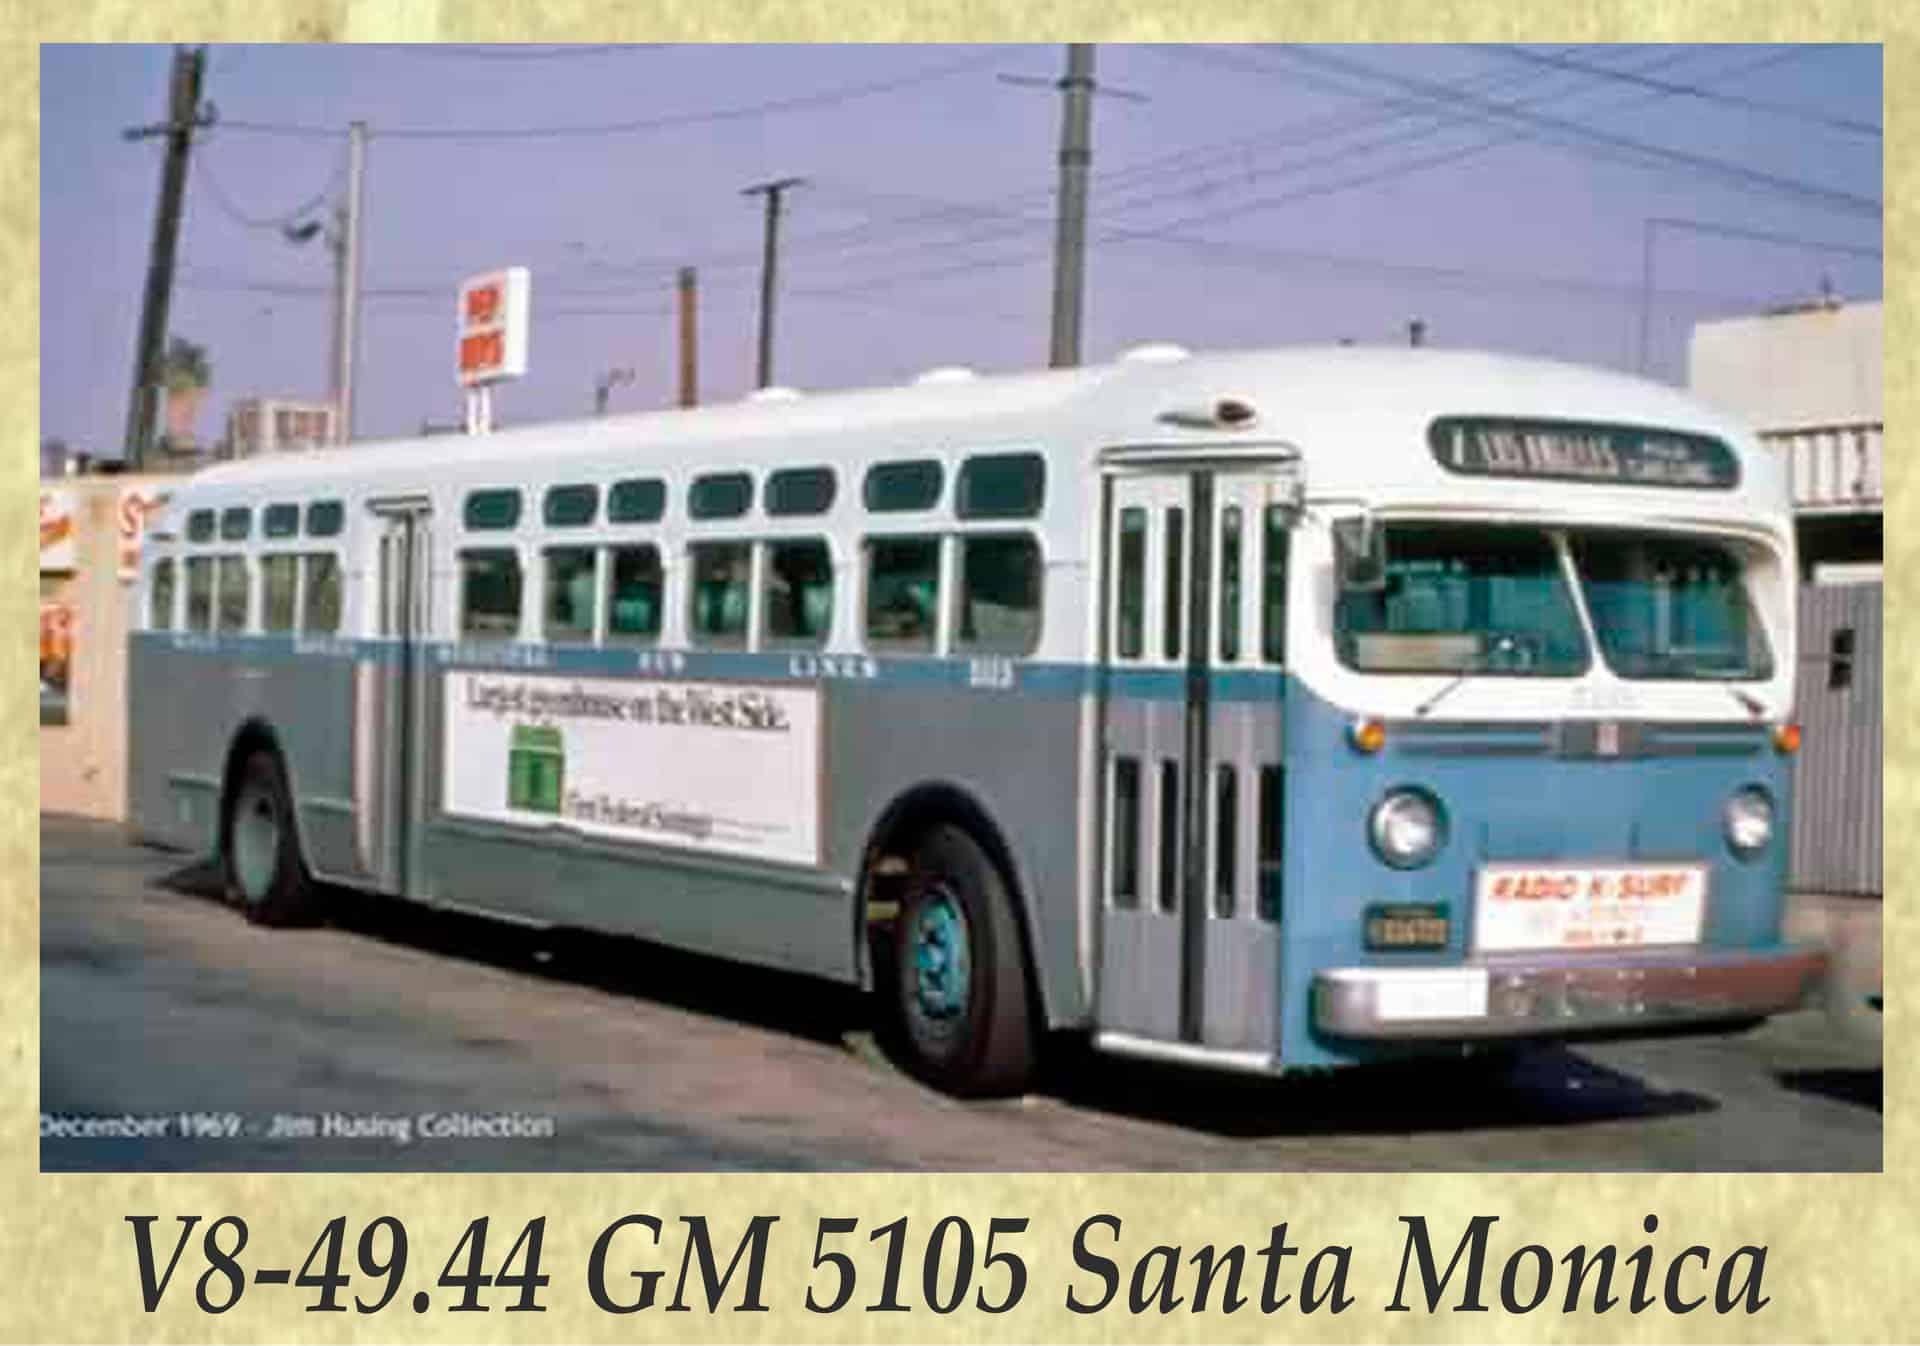 V8-49.44 GM 5105 Santa Monica